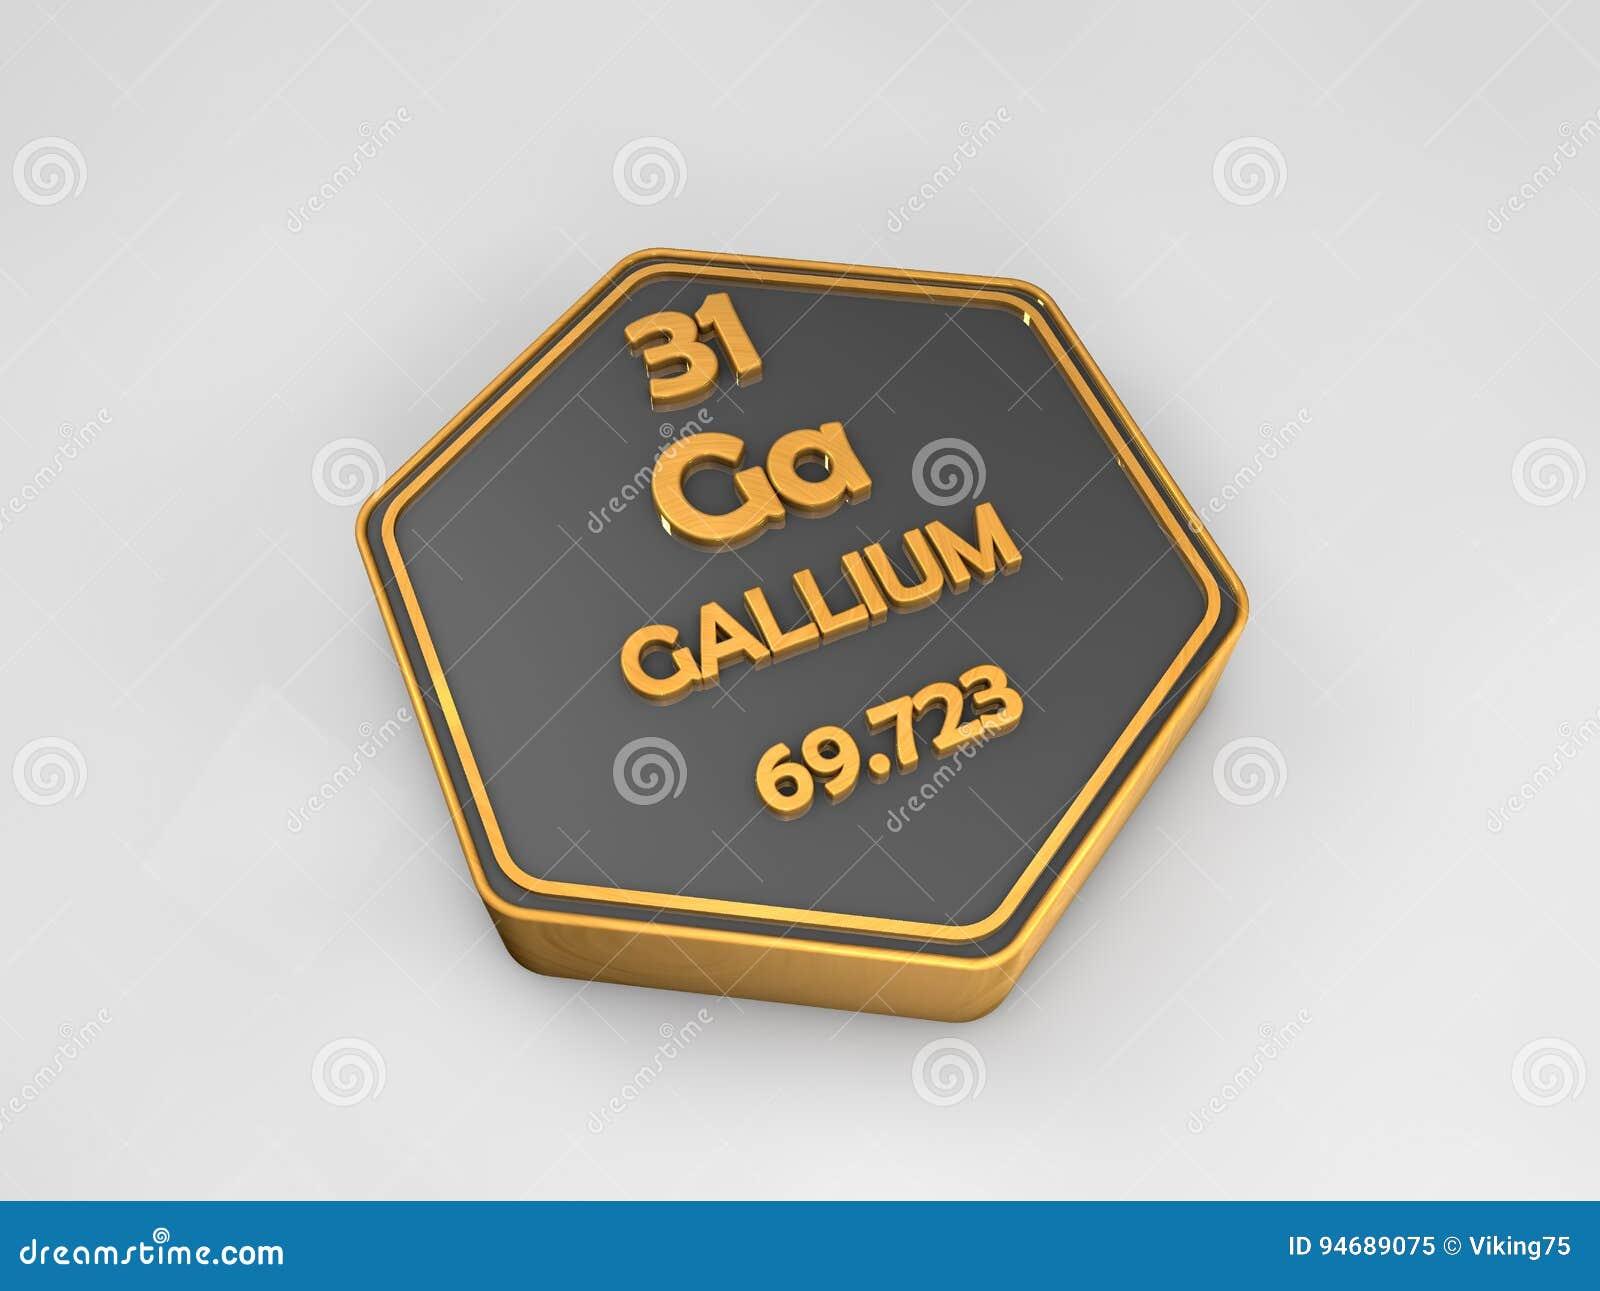 Galio ga forma hexagonal de la tabla peridica del elemento download galio ga forma hexagonal de la tabla peridica del elemento qumico stock de urtaz Choice Image